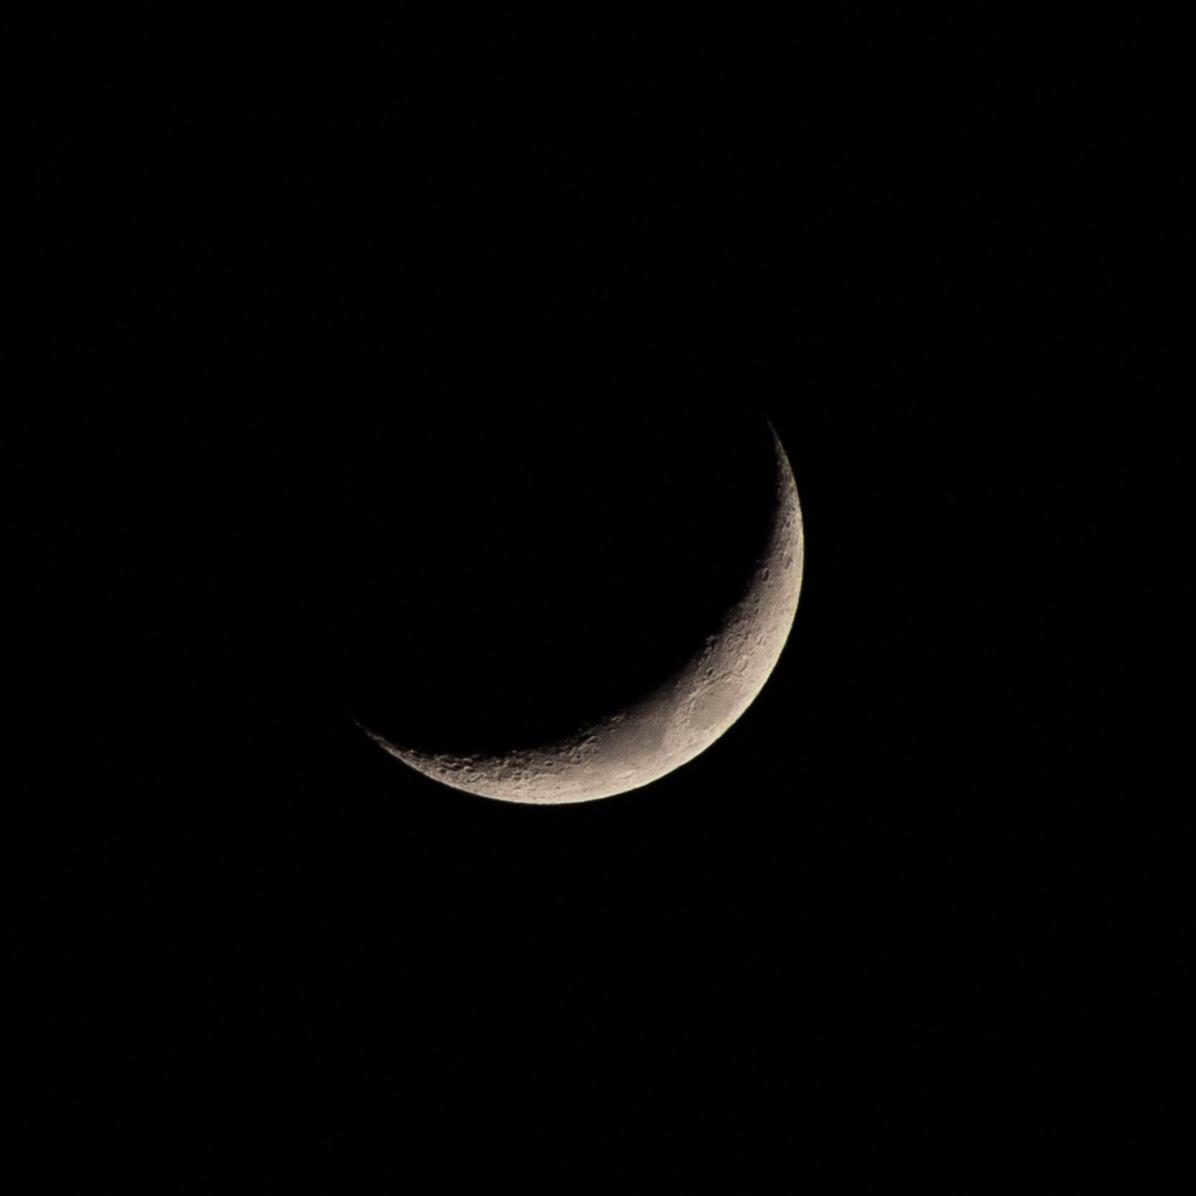 Nieuwe maan, 10 maart 2019, dag 19 vanaf volle maan. Tijdstip: 20.54 uur Maanopkomst 08.55 Maanondergang 22.42 (Maan 19)